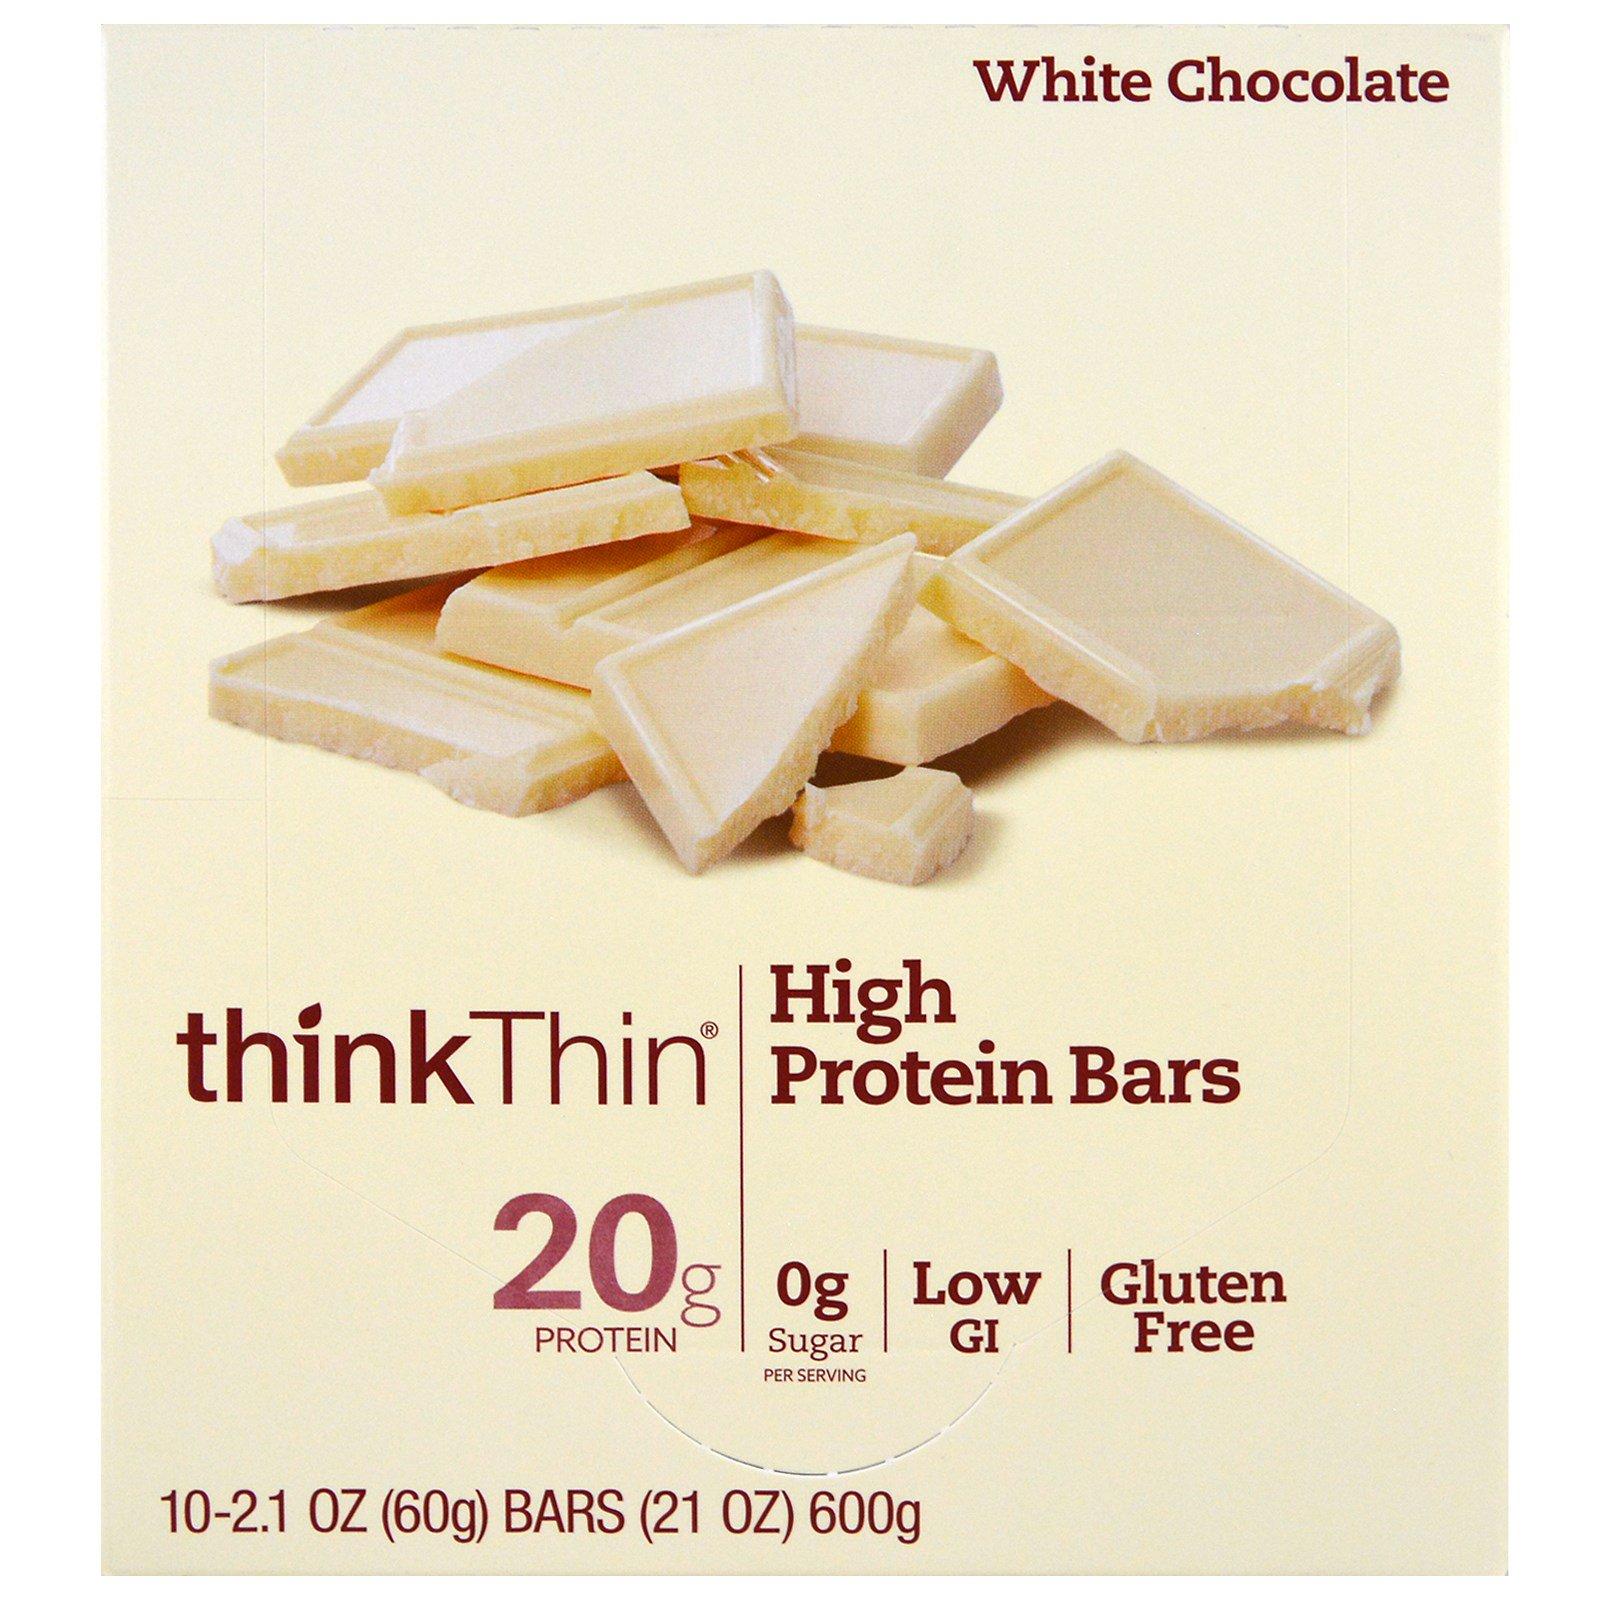 ThinkThin, Высокопротеиновый батончик, белый шоколад, 10 батончиков, 2,1 унции (60 г) каждый